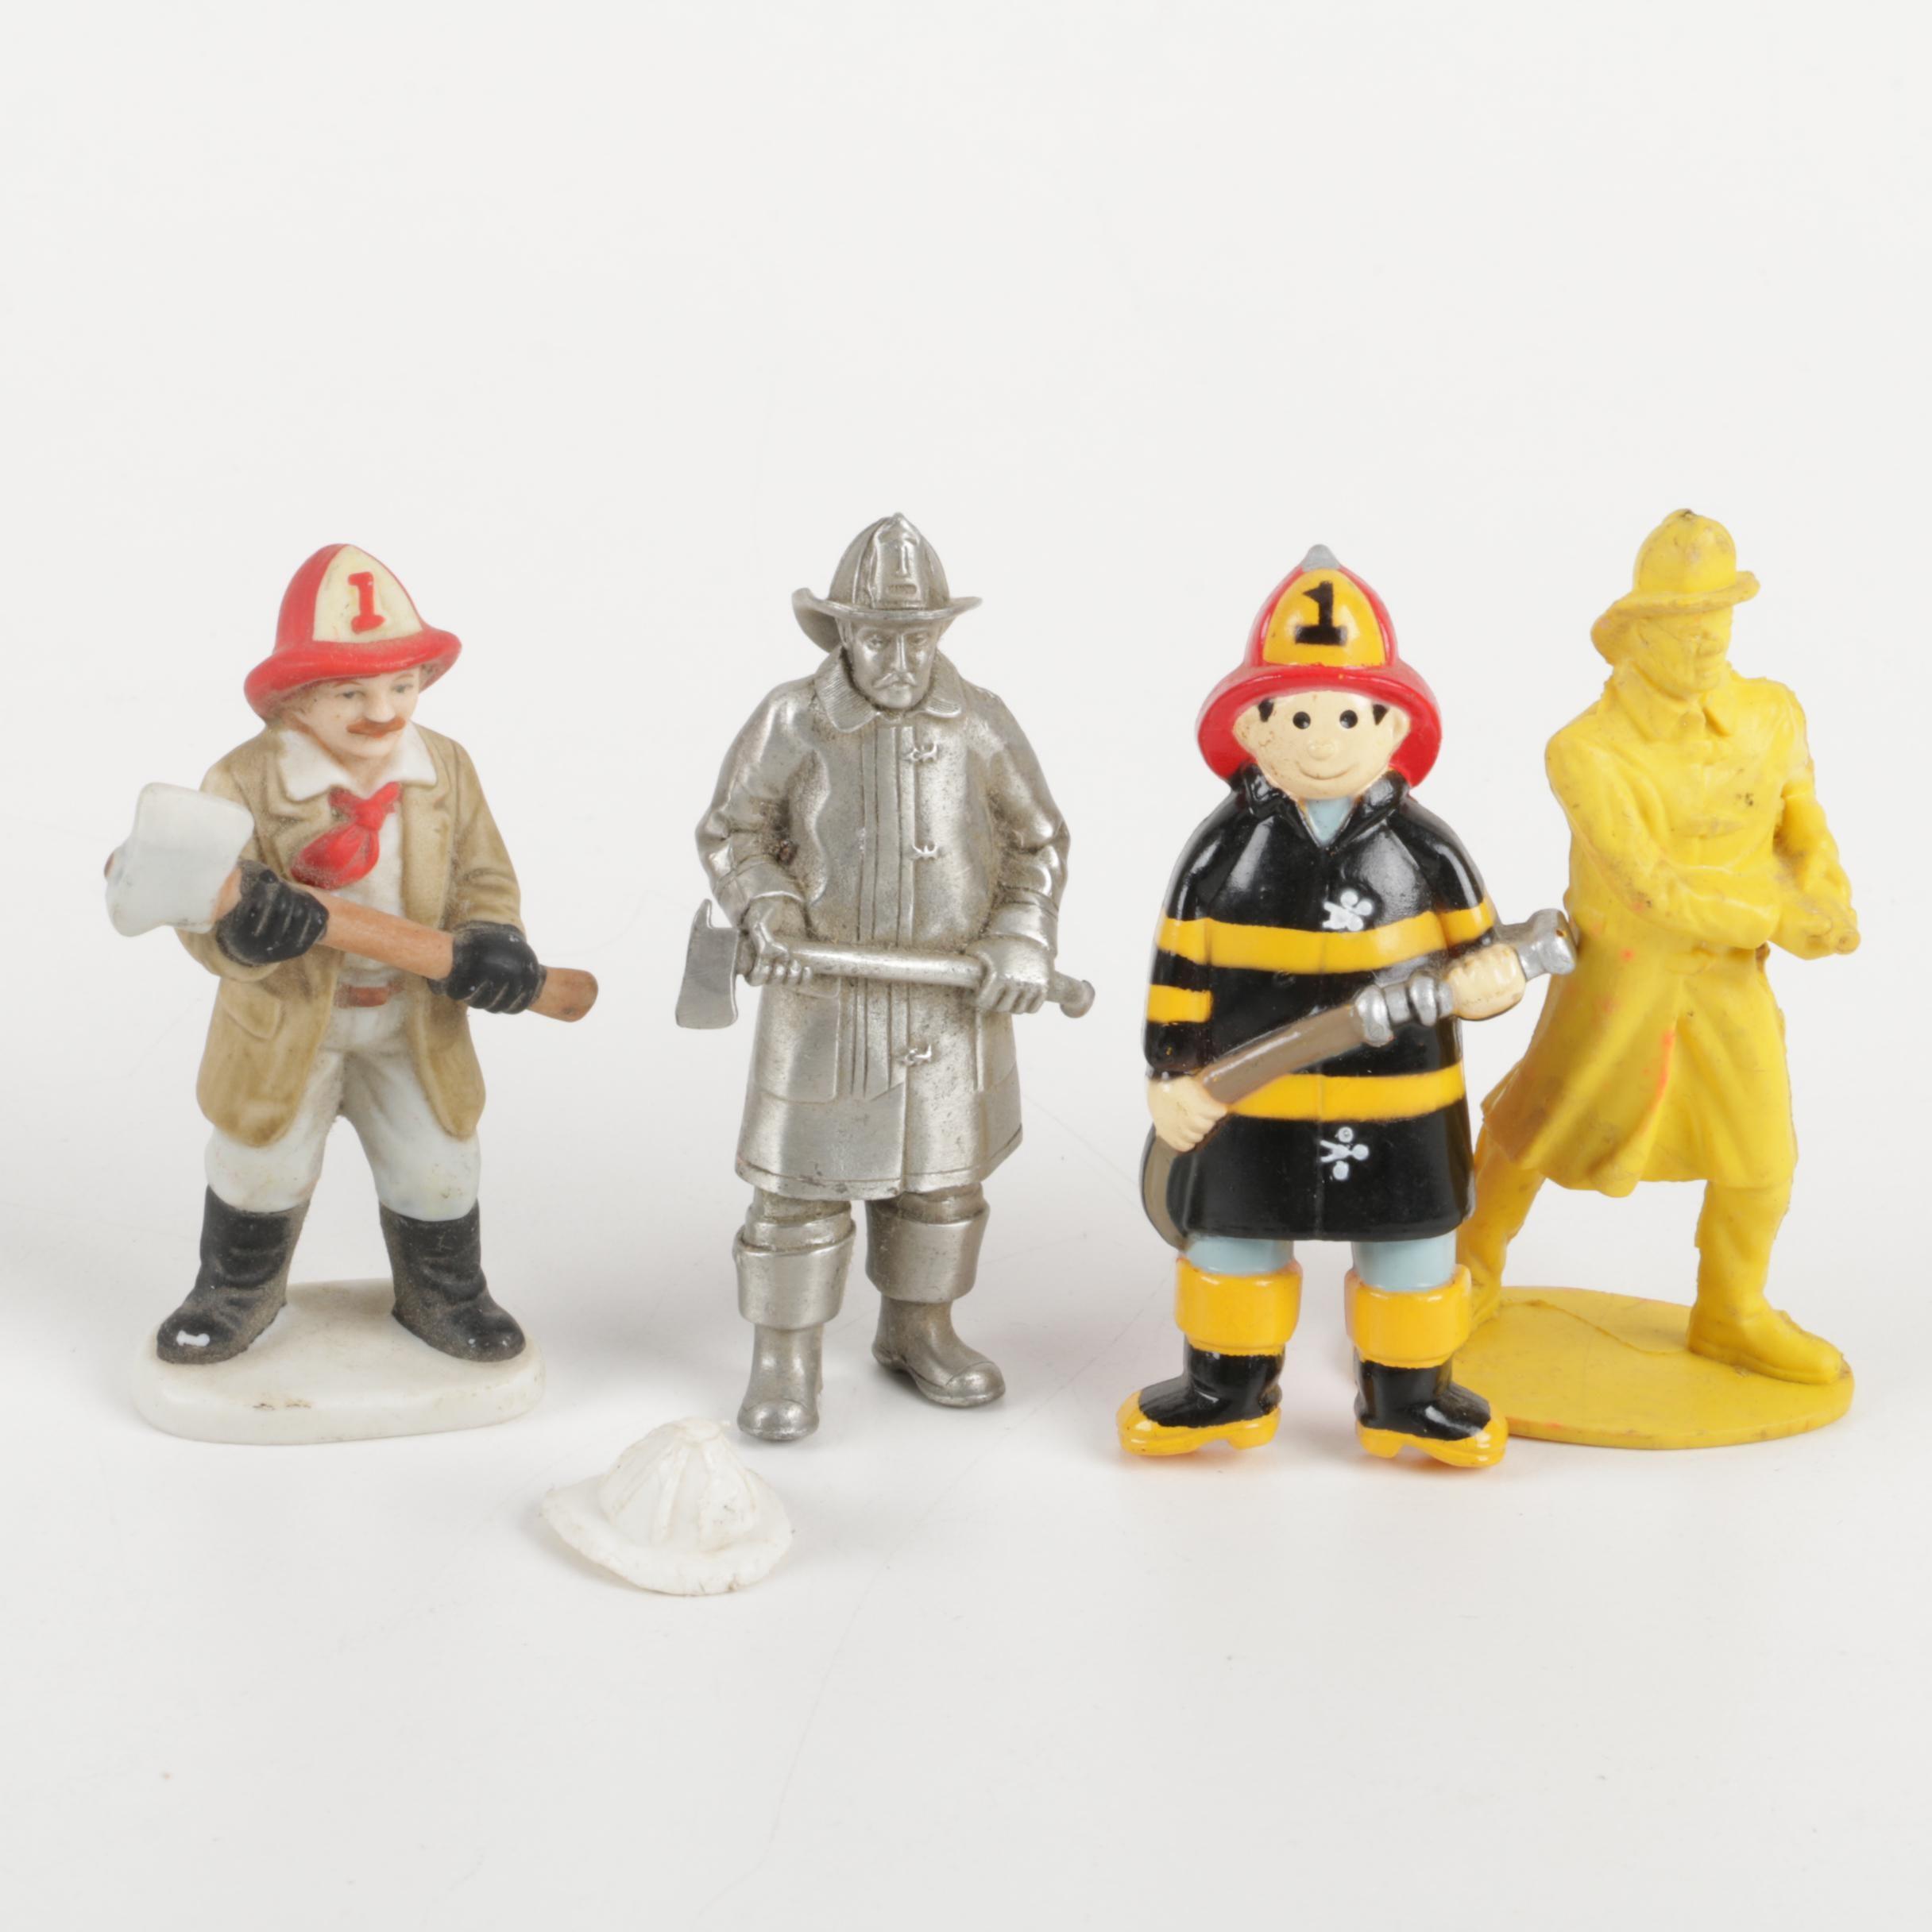 Decorative Firefighter Figurines